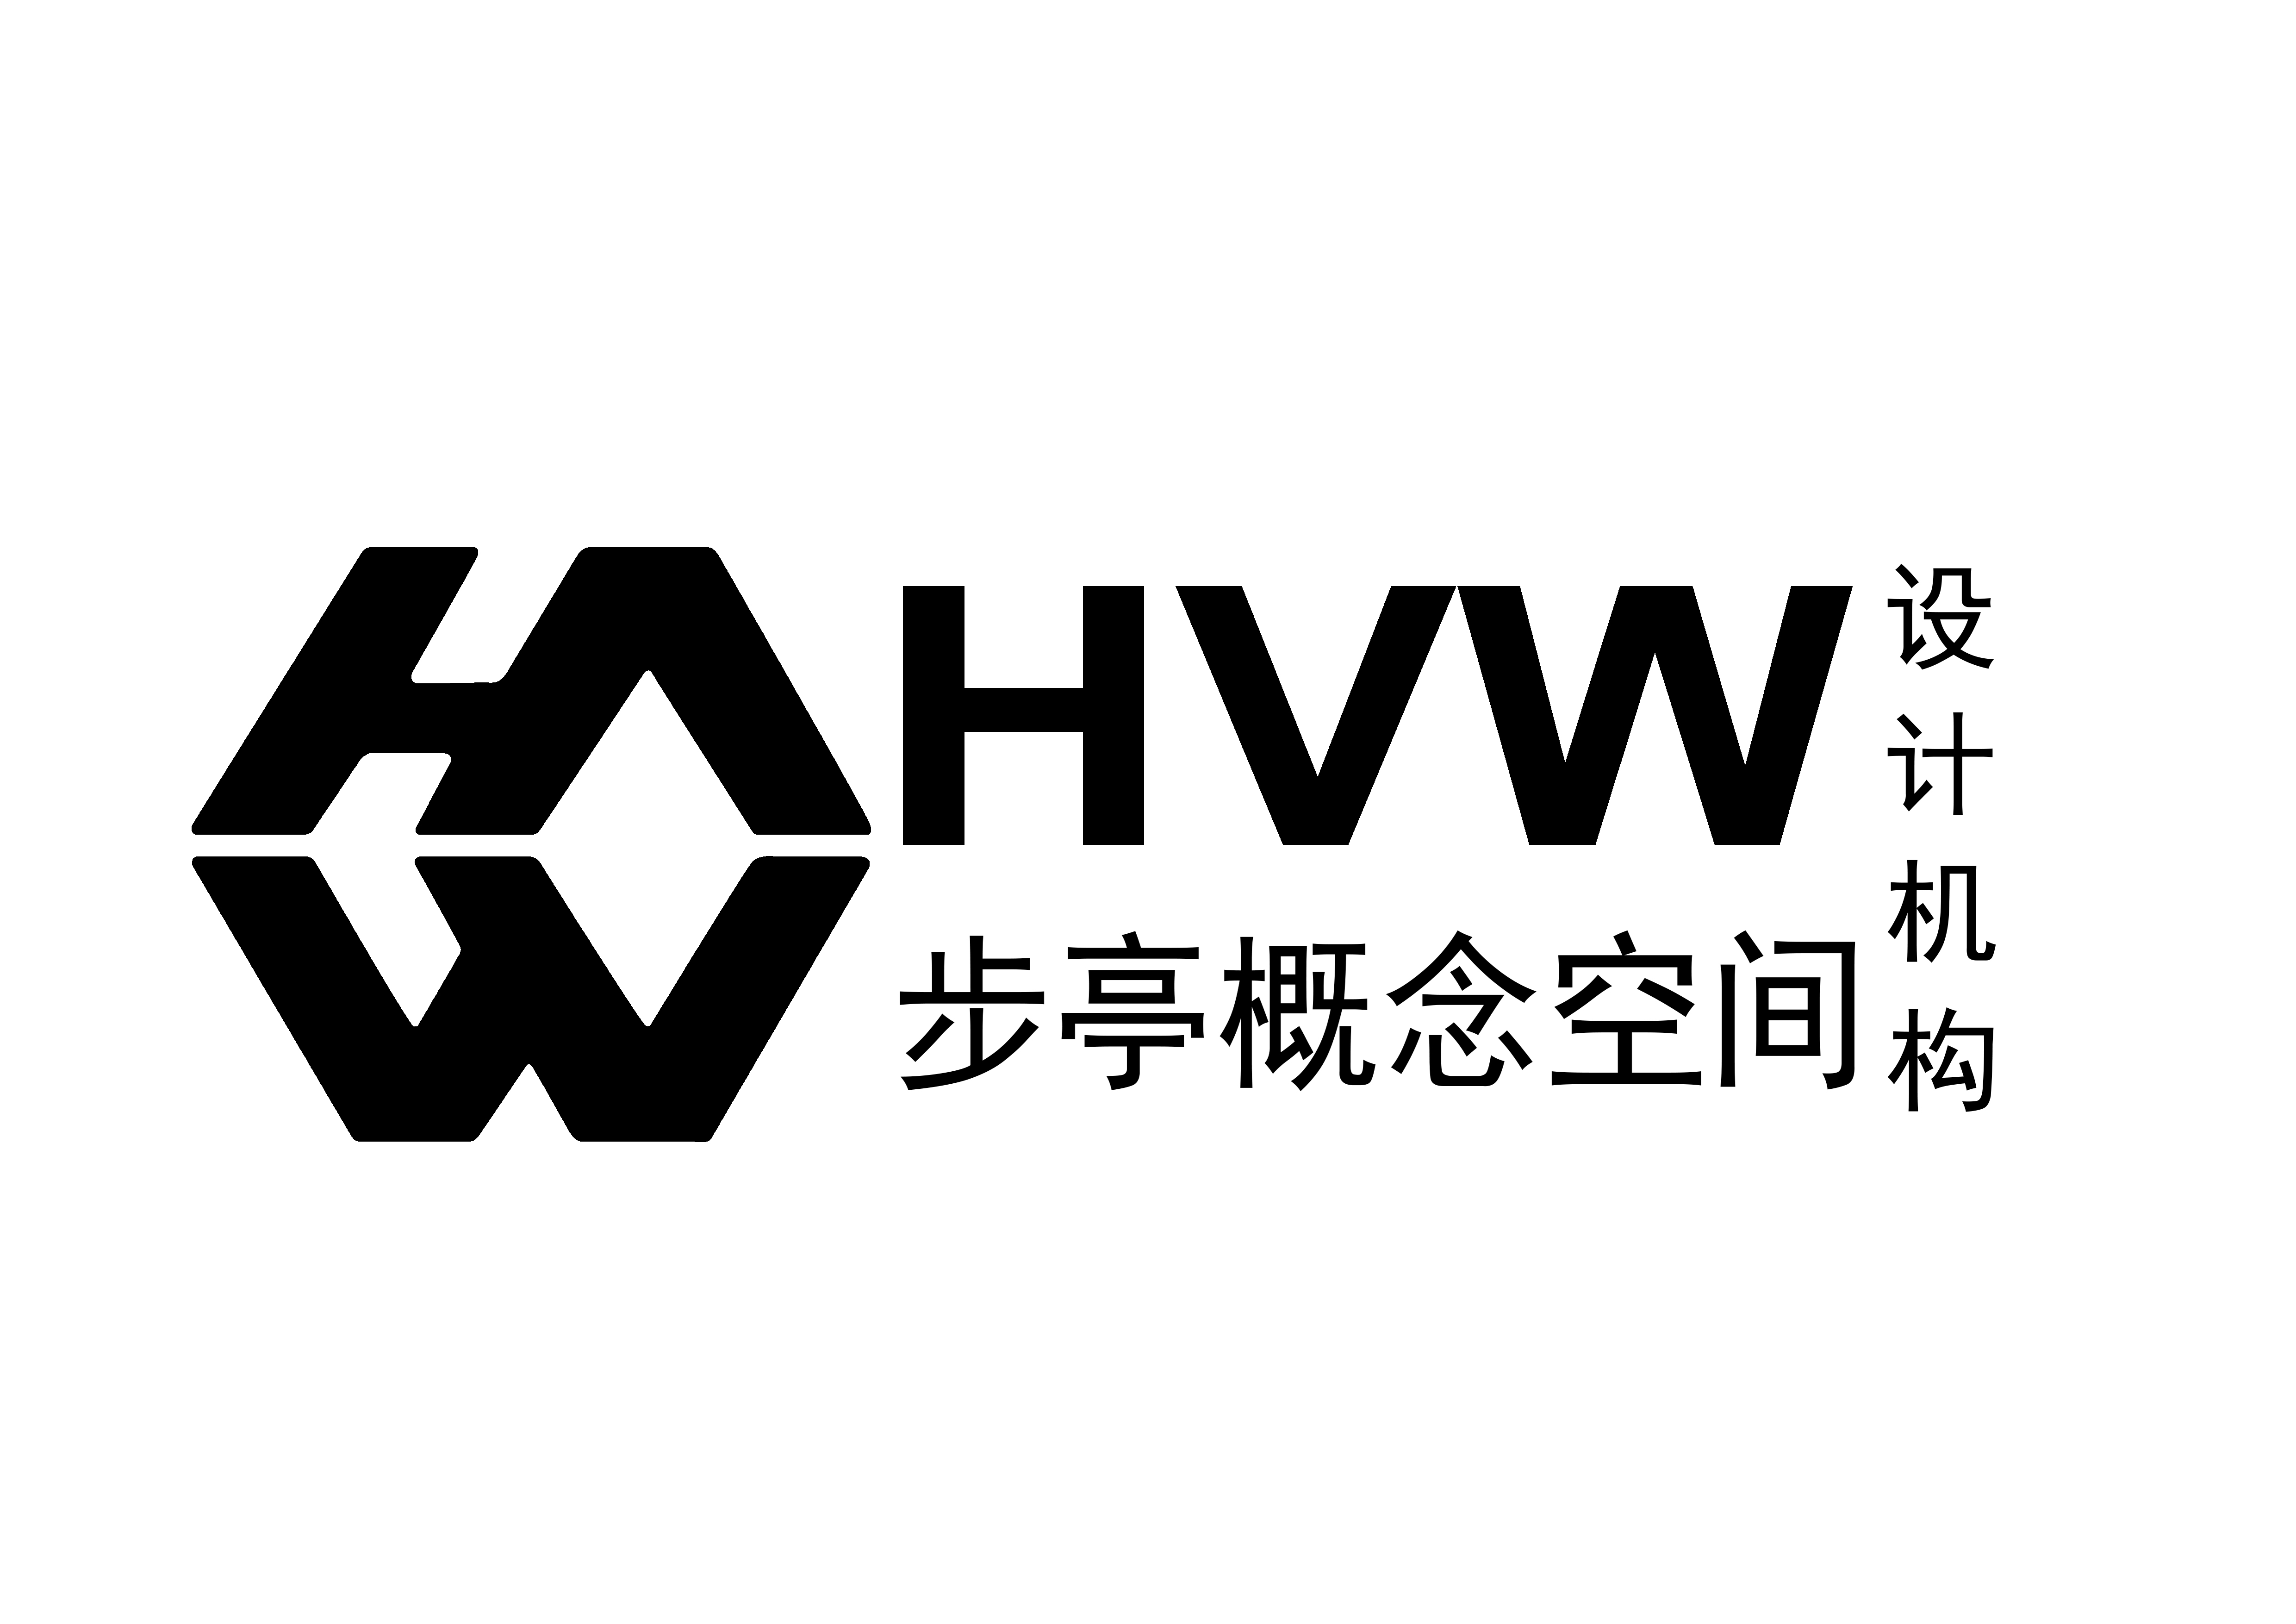 重庆步亭概念装饰设计工程有限公司